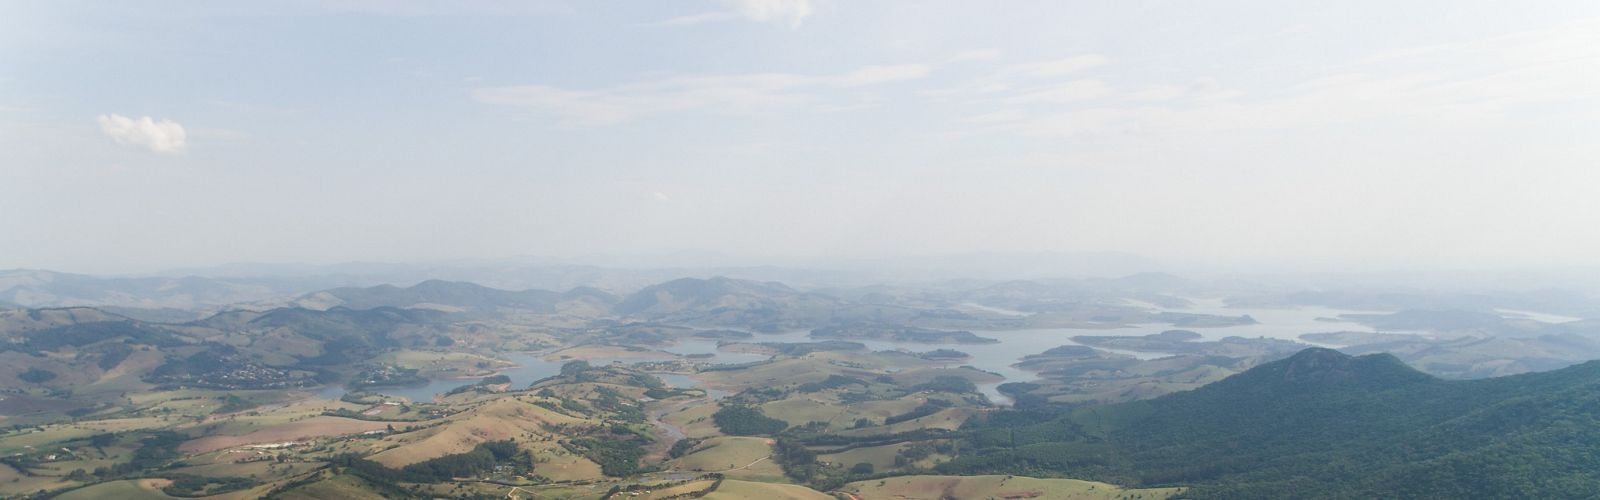 Imagem aérea de área rural do município de Joanópolis-SP, com a Represa do Jaguari, parte do Sistema Cantareira, ao fundo.